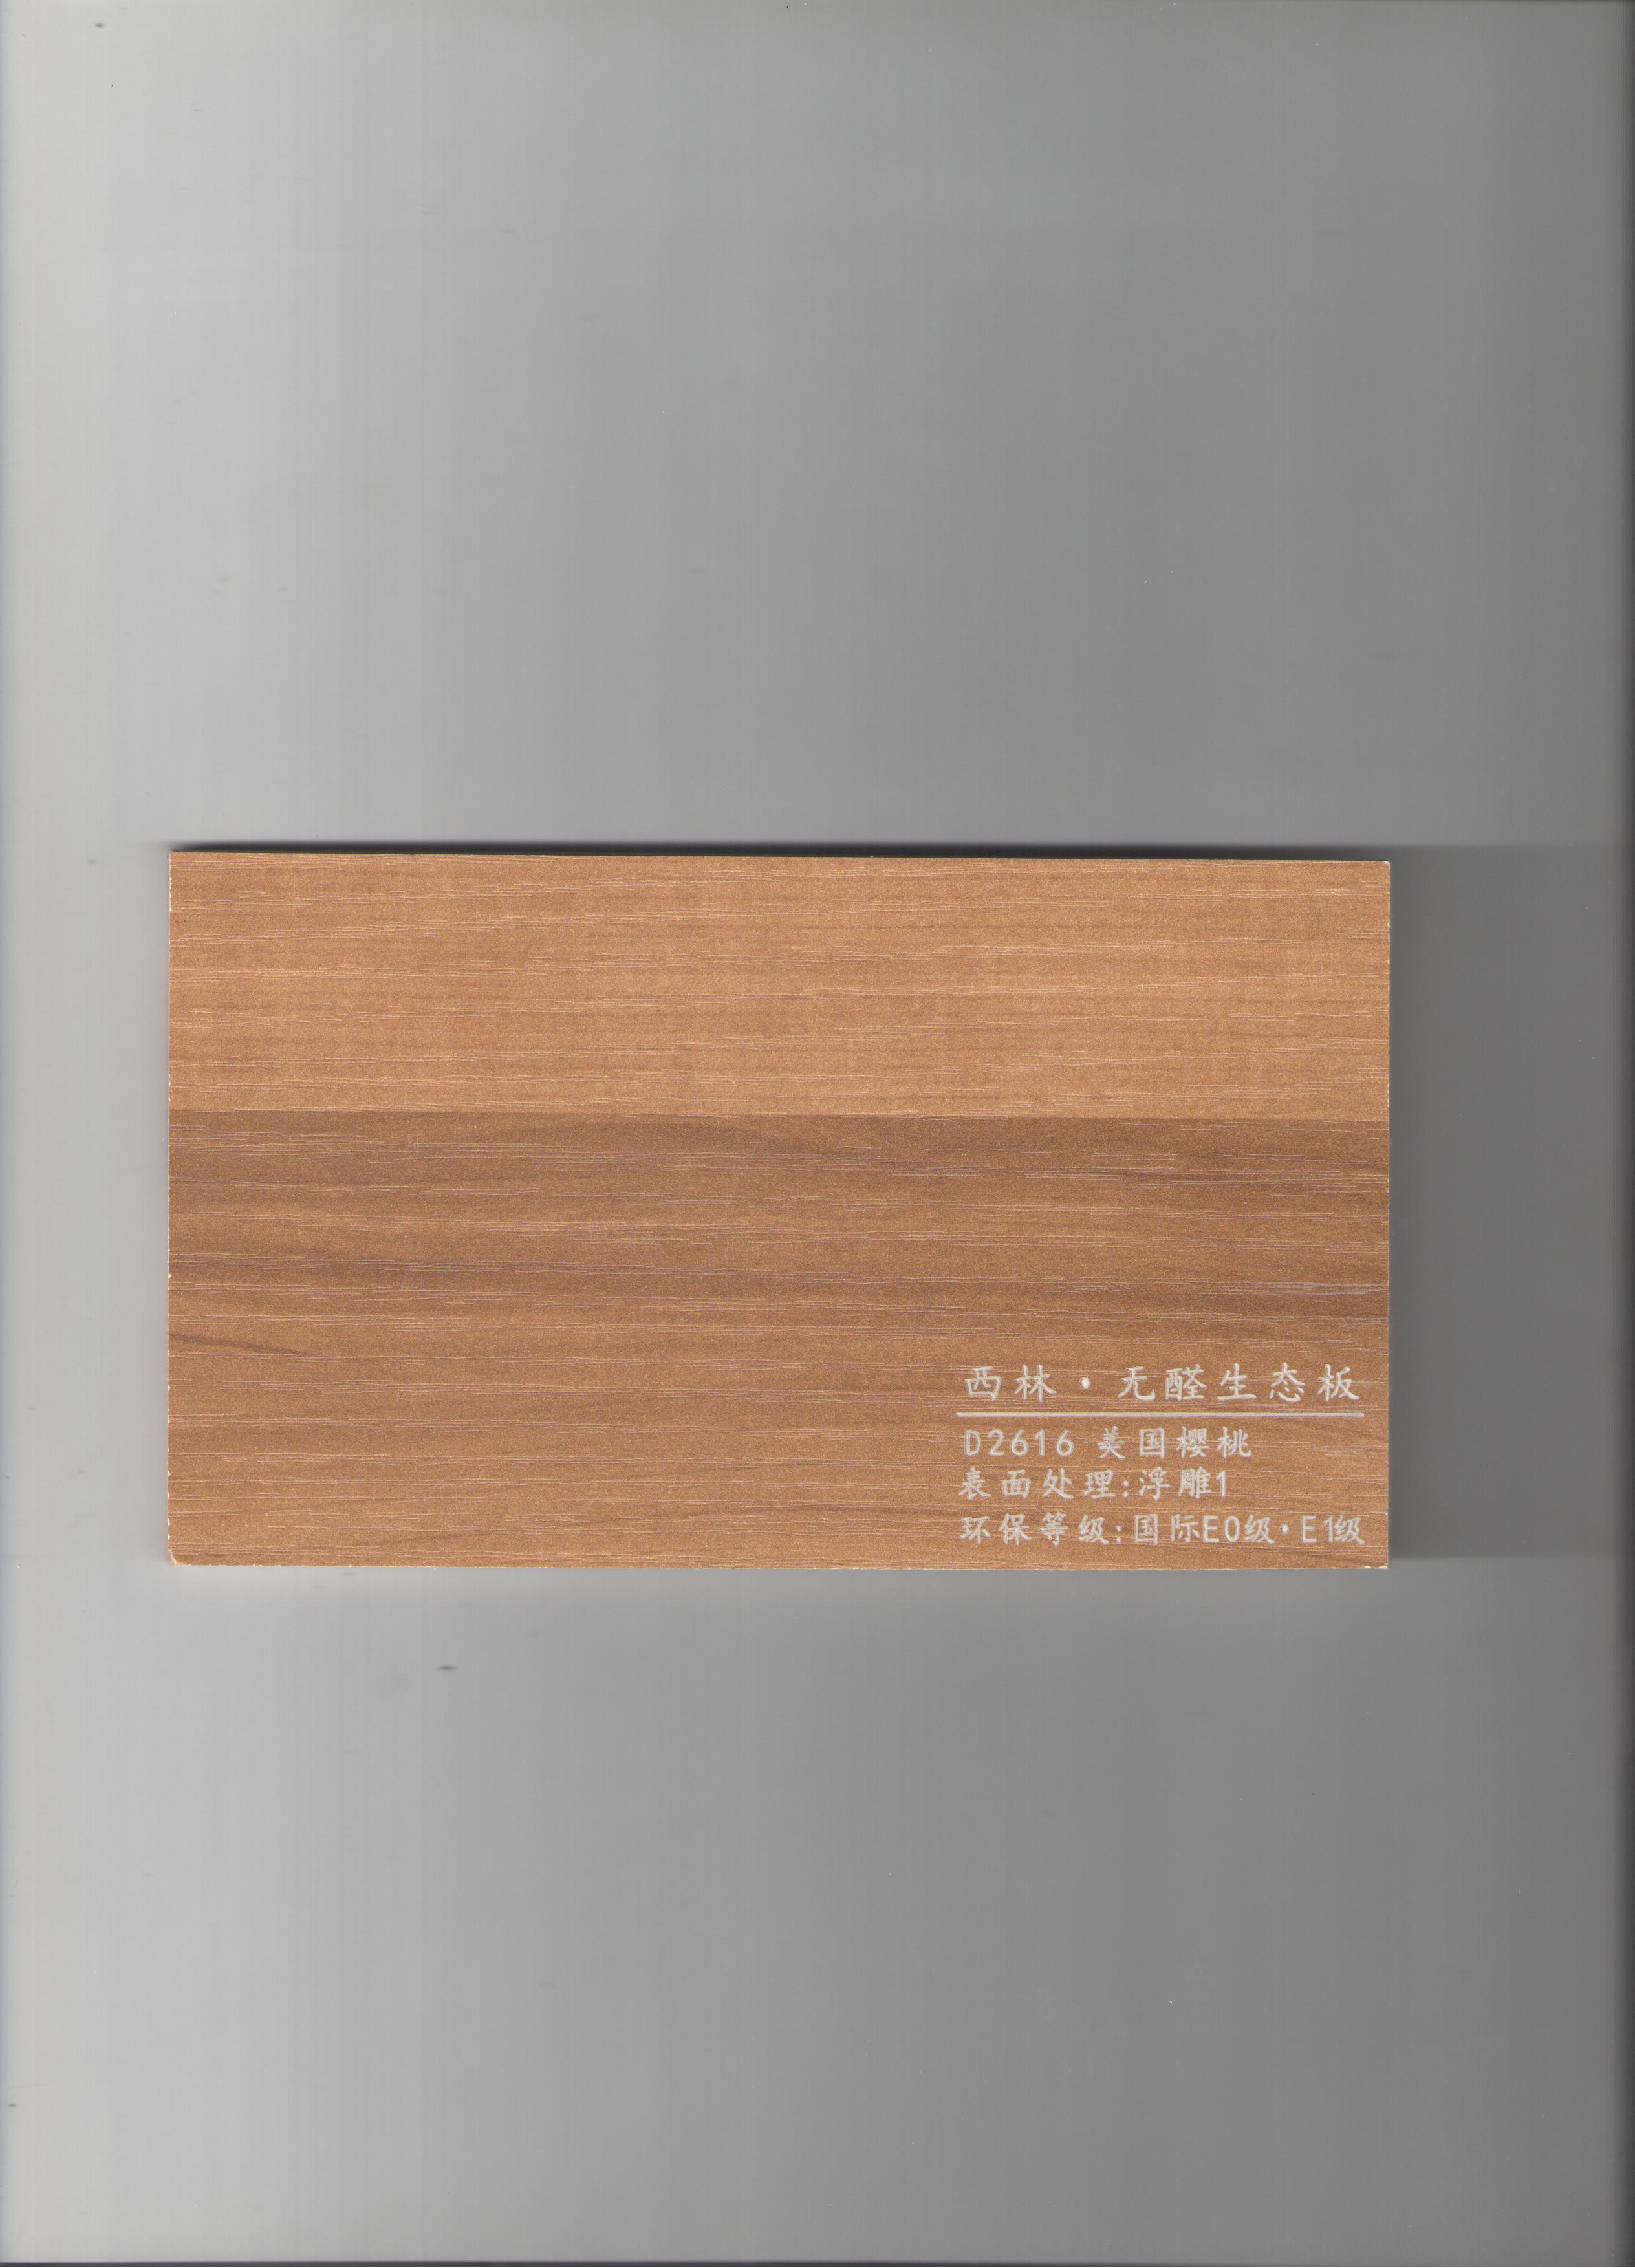 西林木業多層實木生態板免漆板傢俱板材衣櫃定製浮雕雙面試用包2